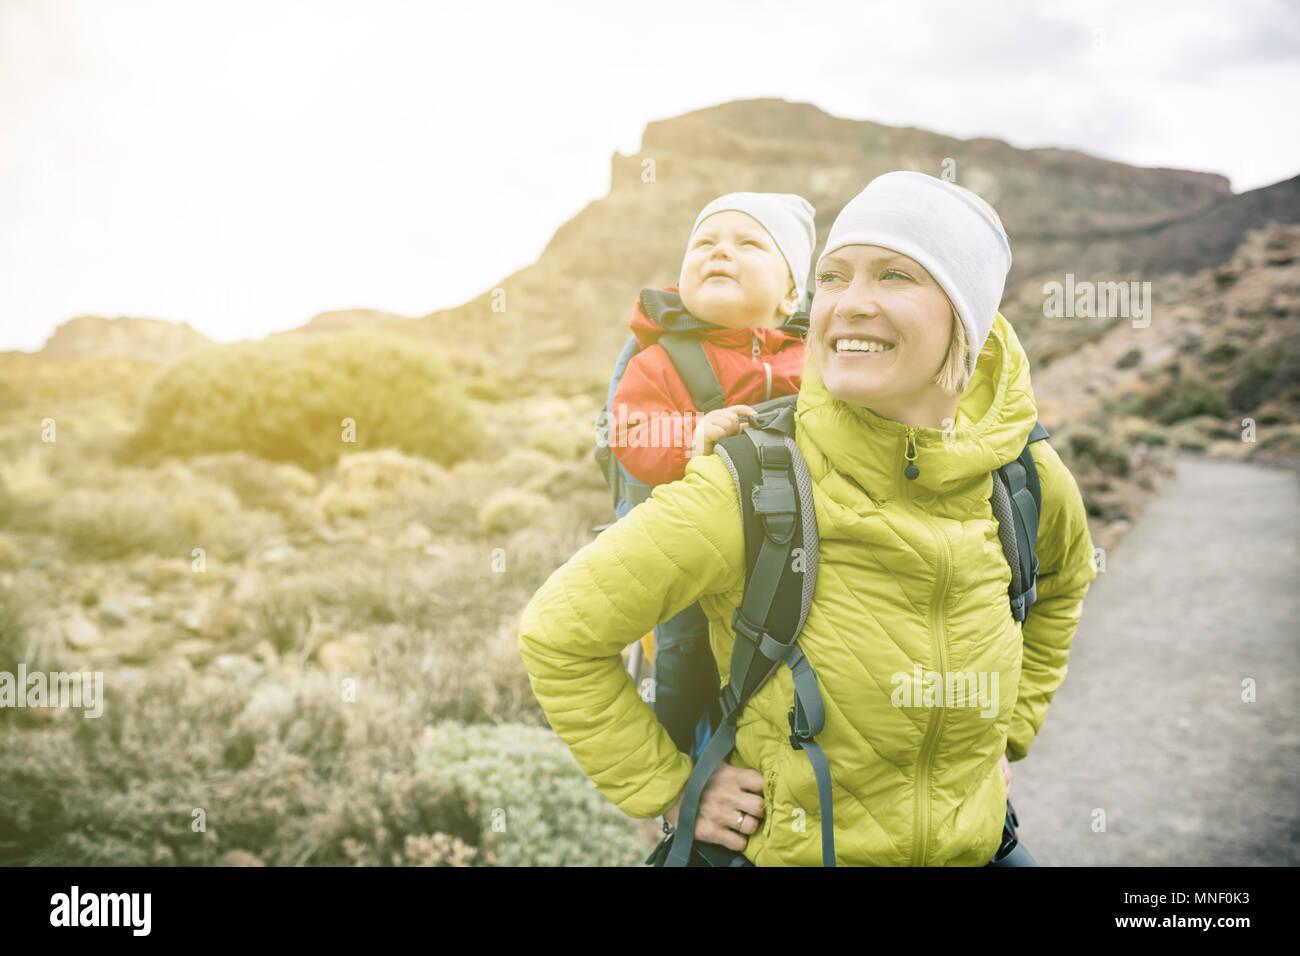 Super mom con baby boy in viaggio nello zaino. Madre di escursioni avventura con bambino, viaggio con la famiglia in montagna. Vacanze Viaggio con bambino trasportato Immagini Stock